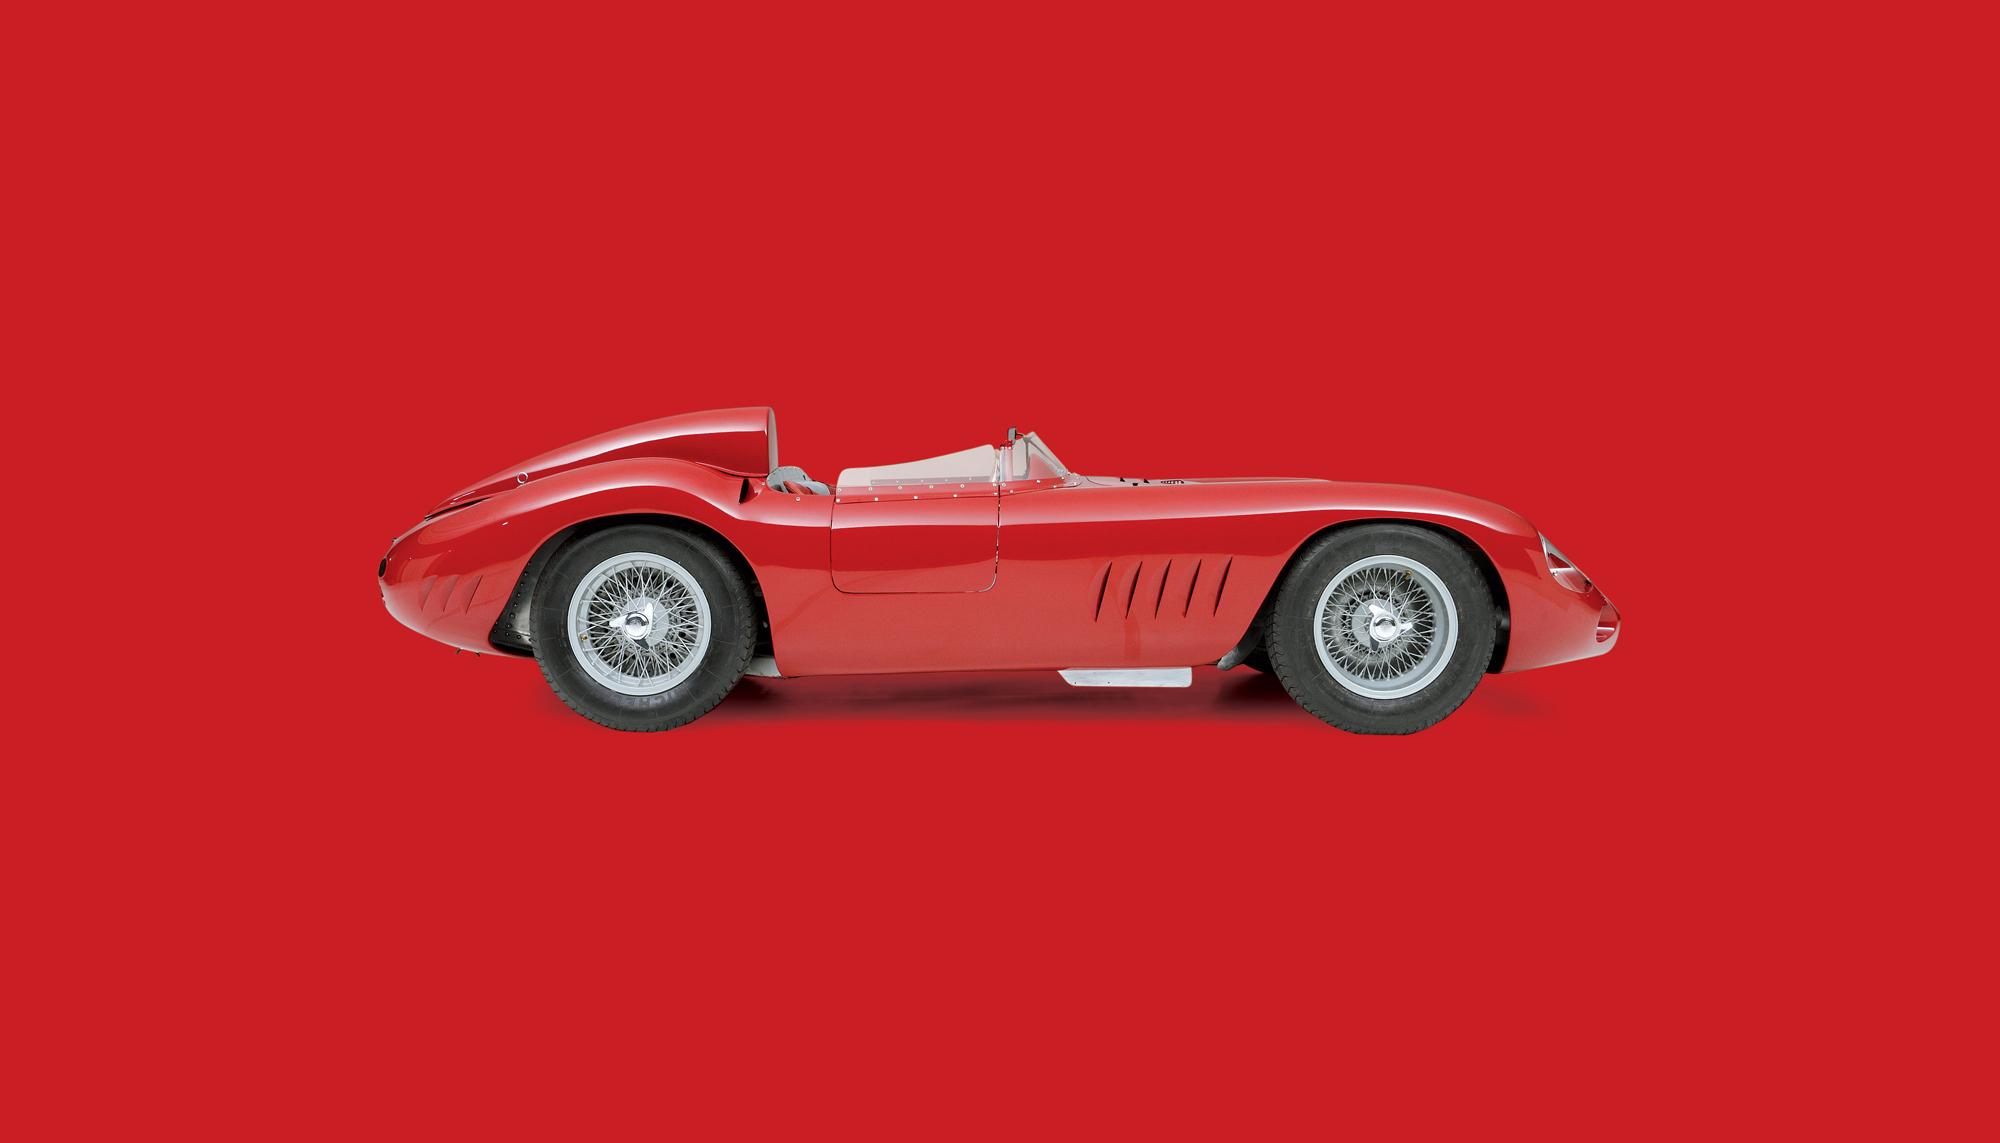 Bekijk Maserati 300S in het Louwman Museum